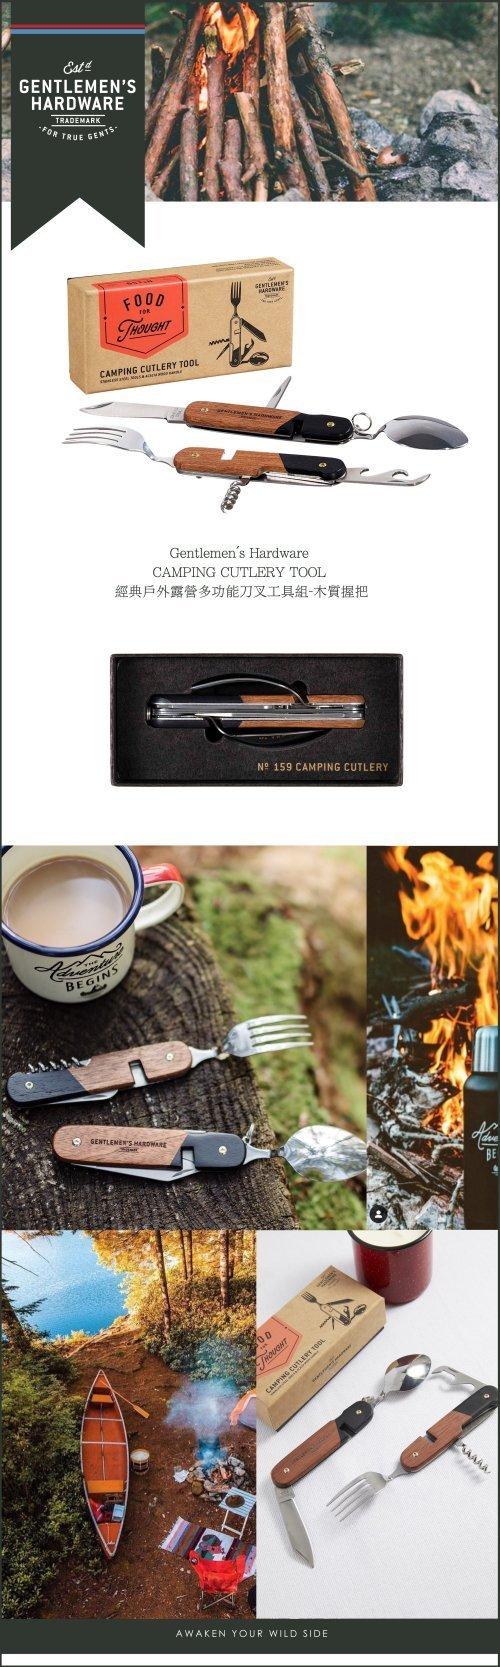 (複製)Gentlemen's Hardware|經典戶外琺瑯餐盤組:經典米白分隔餐盤+紳士藍戶外琺瑯餐盤